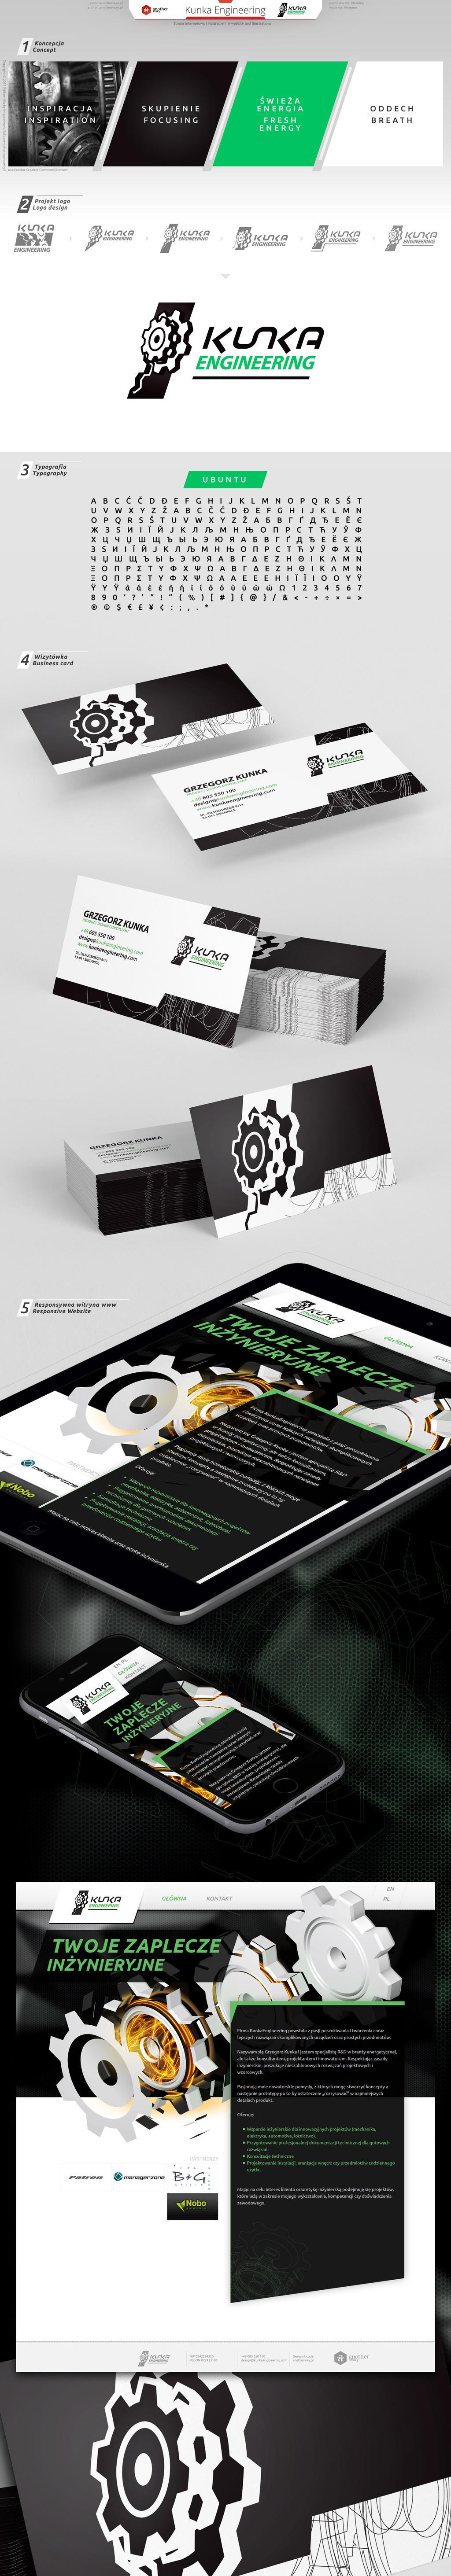 Kunka Engineering-big by KonaRos